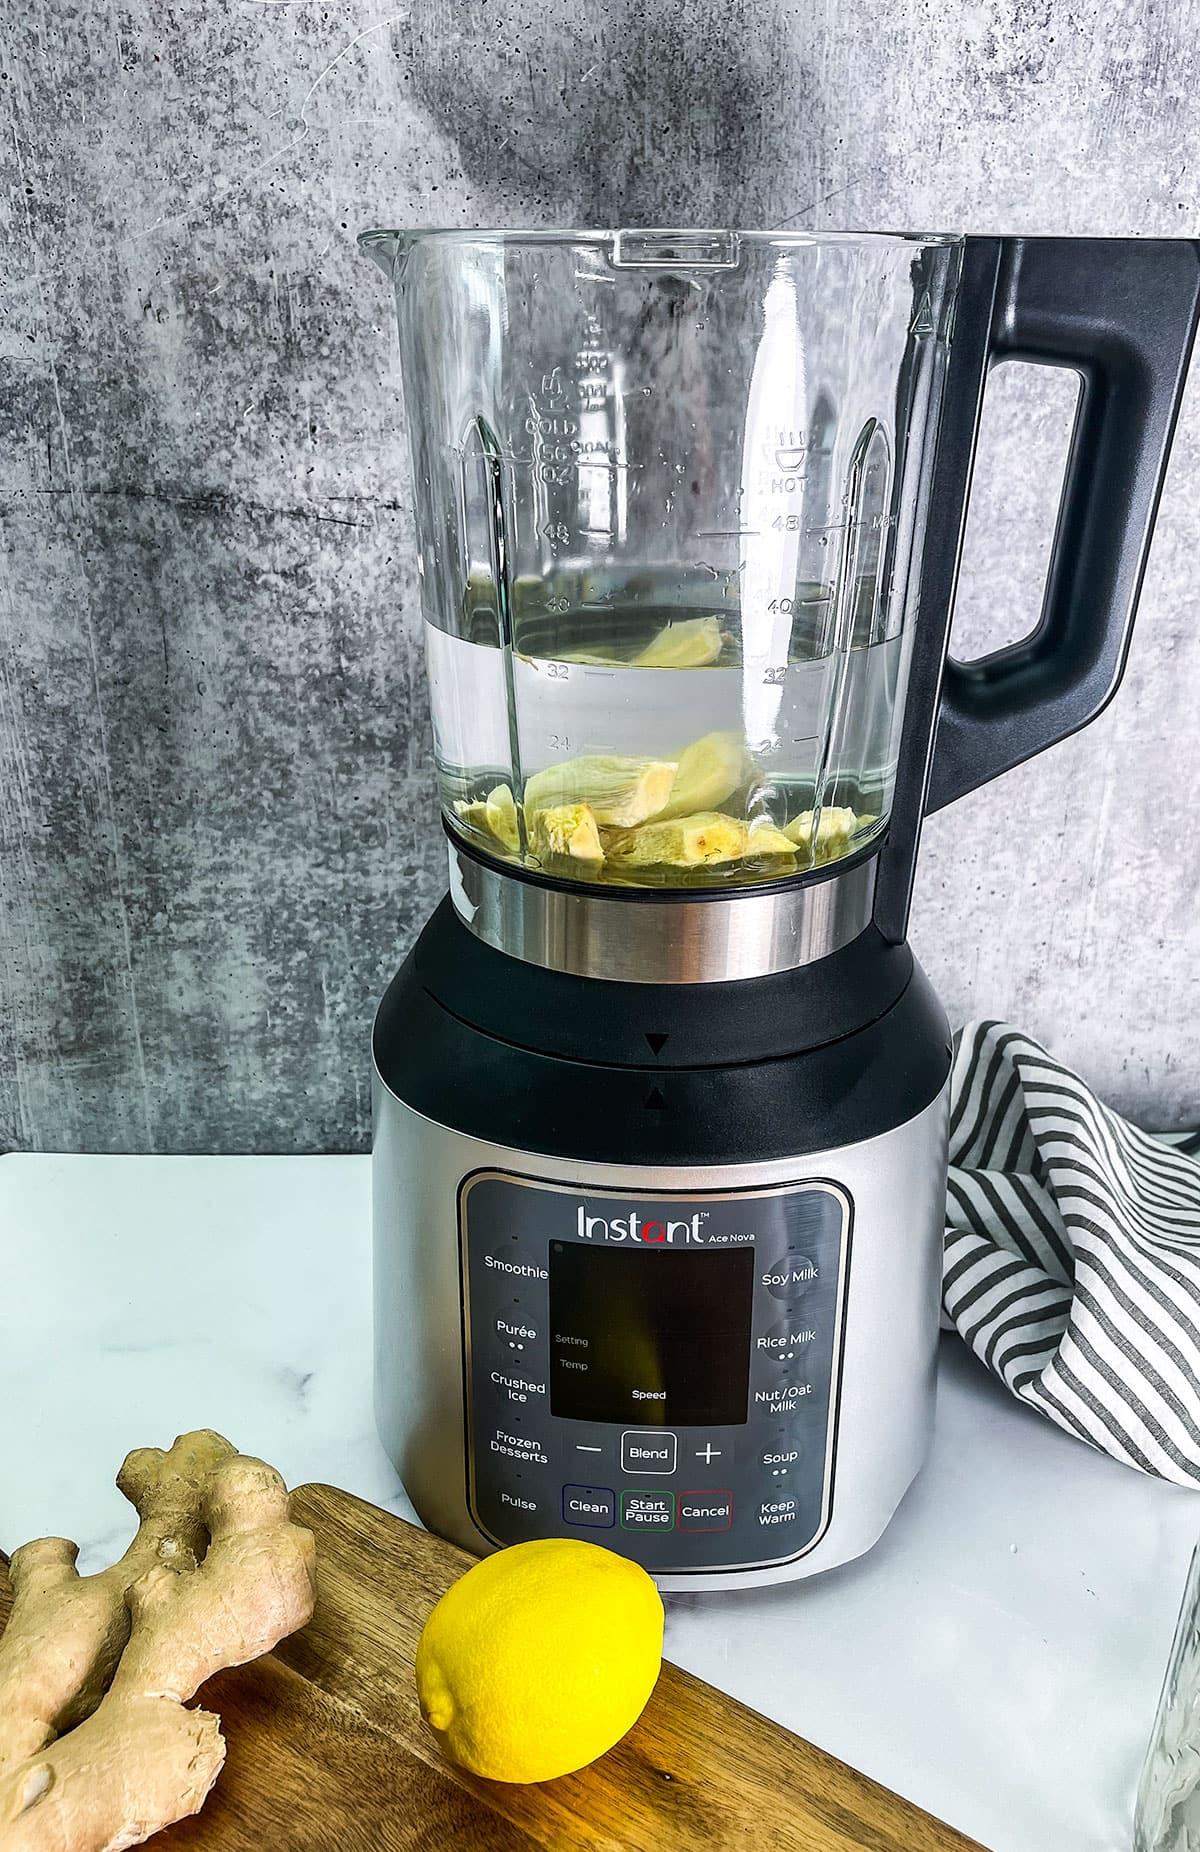 Ingredients for ginger juice in the blender